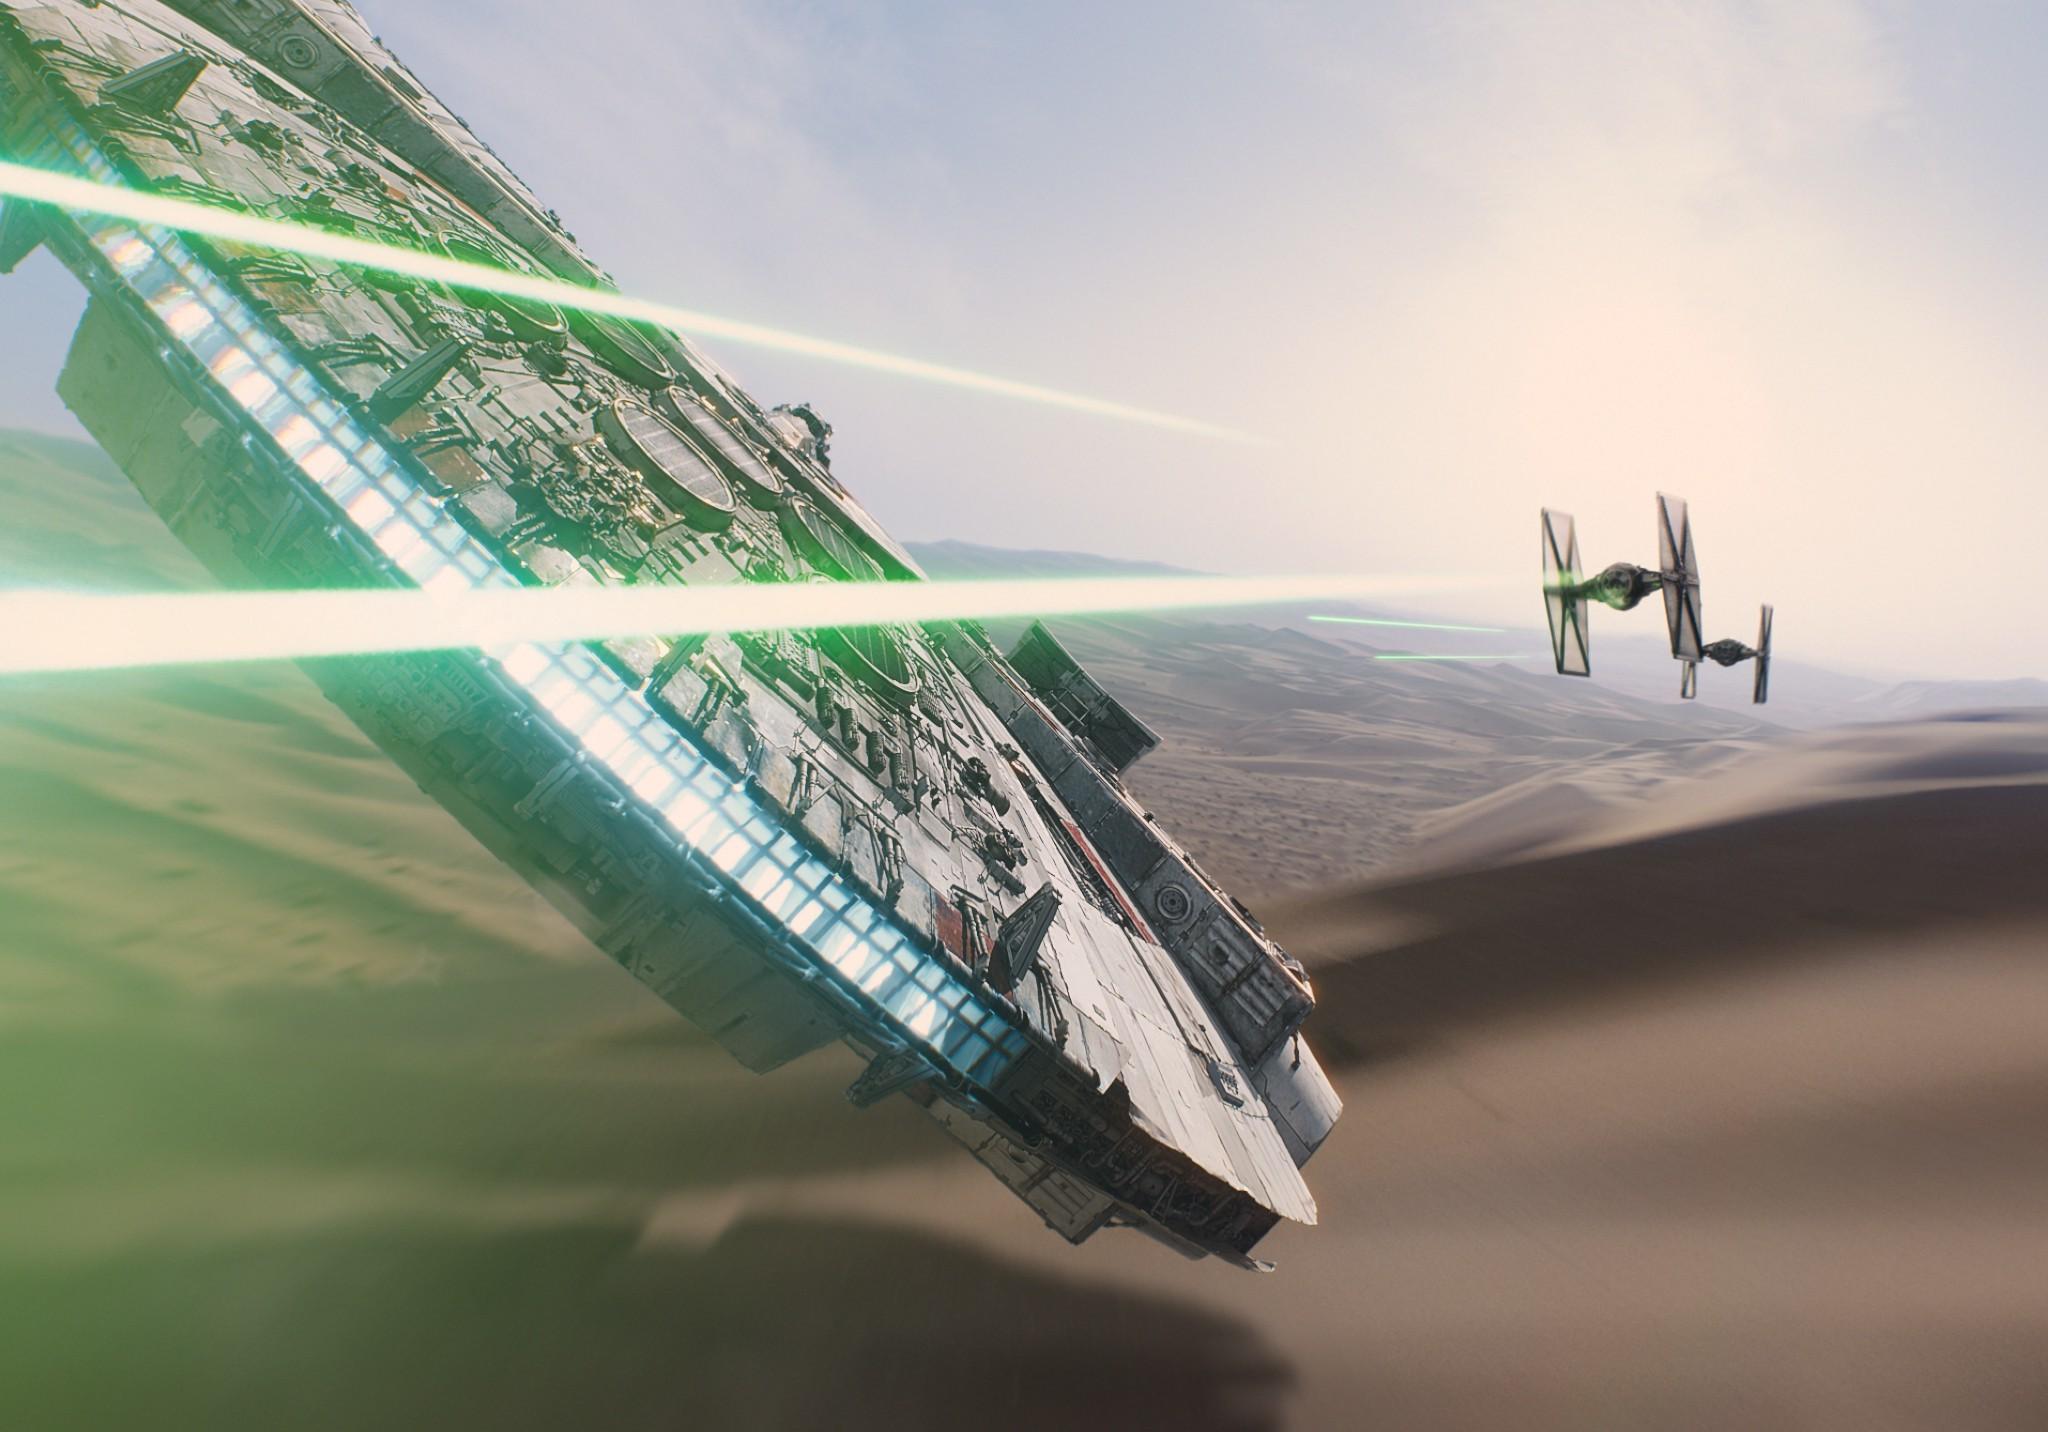 Star Wars, Star Wars: Episode VII The Force Awakens, Millennium Falcon